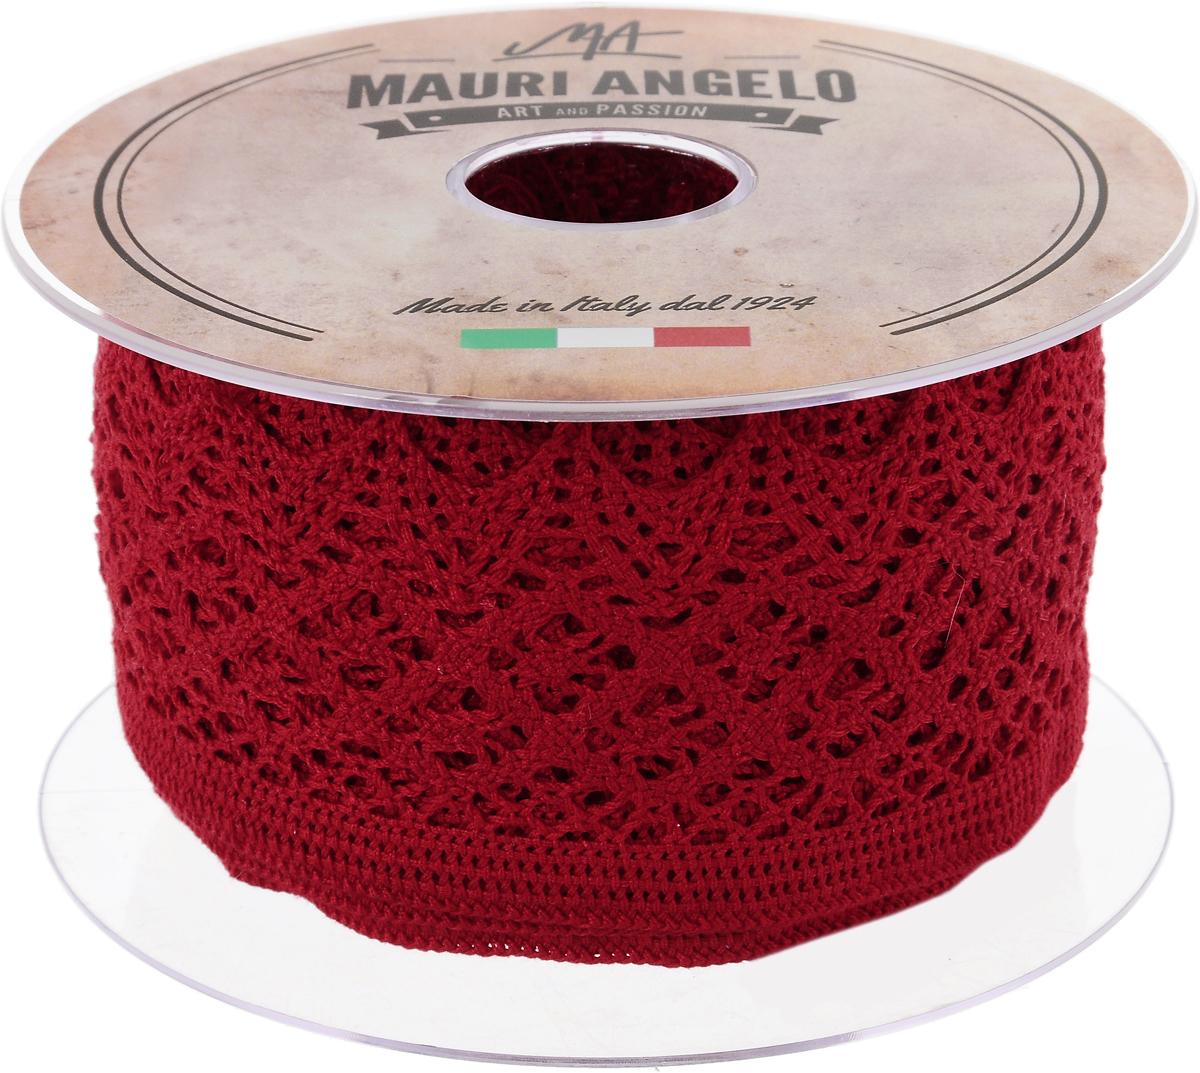 Лента кружевная Mauri Angelo, цвет: красный, 5,9 см х 10 мC0042416Декоративная кружевная лента Mauri Angelo - текстильное изделие без тканой основы, в котором ажурный орнамент и изображения образуются в результате переплетения нитей. Кружево применяется для отделки одежды, белья в виде окаймления или вставок, а также в оформлении интерьера, декоративных панно, скатертей, тюлей, покрывал. Главные особенности кружева - воздушность, тонкость, эластичность, узорность.Декоративная кружевная лента Mauri Angelo станет незаменимым элементом в создании рукотворного шедевра. Ширина: 5,9 см.Длина: 10 м.